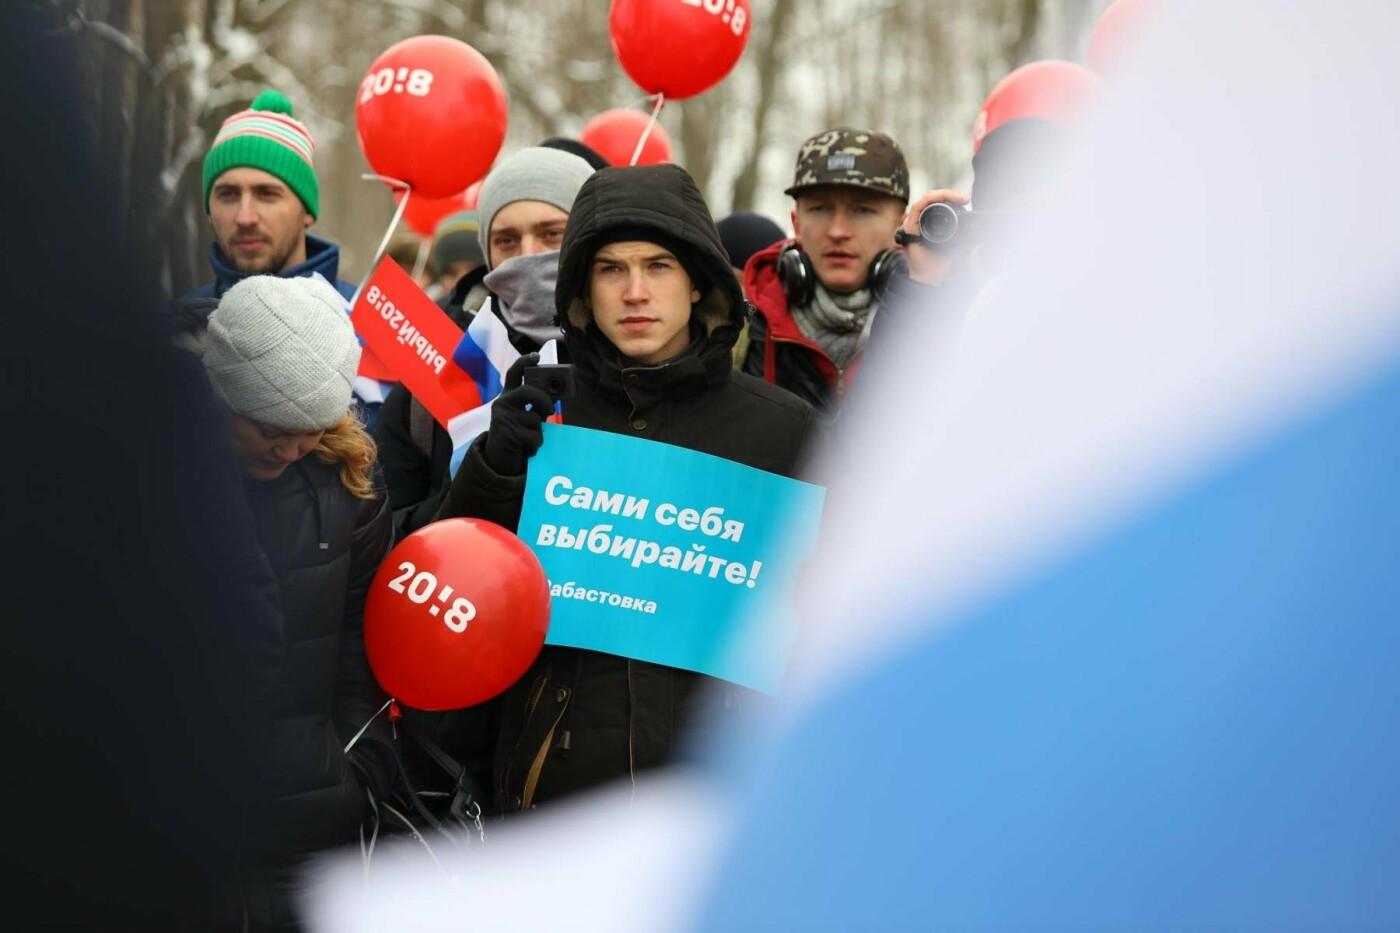 В Белгороде у Дома офицеров прошла «забастовка избирателей» — фоторепортаж, фото-27